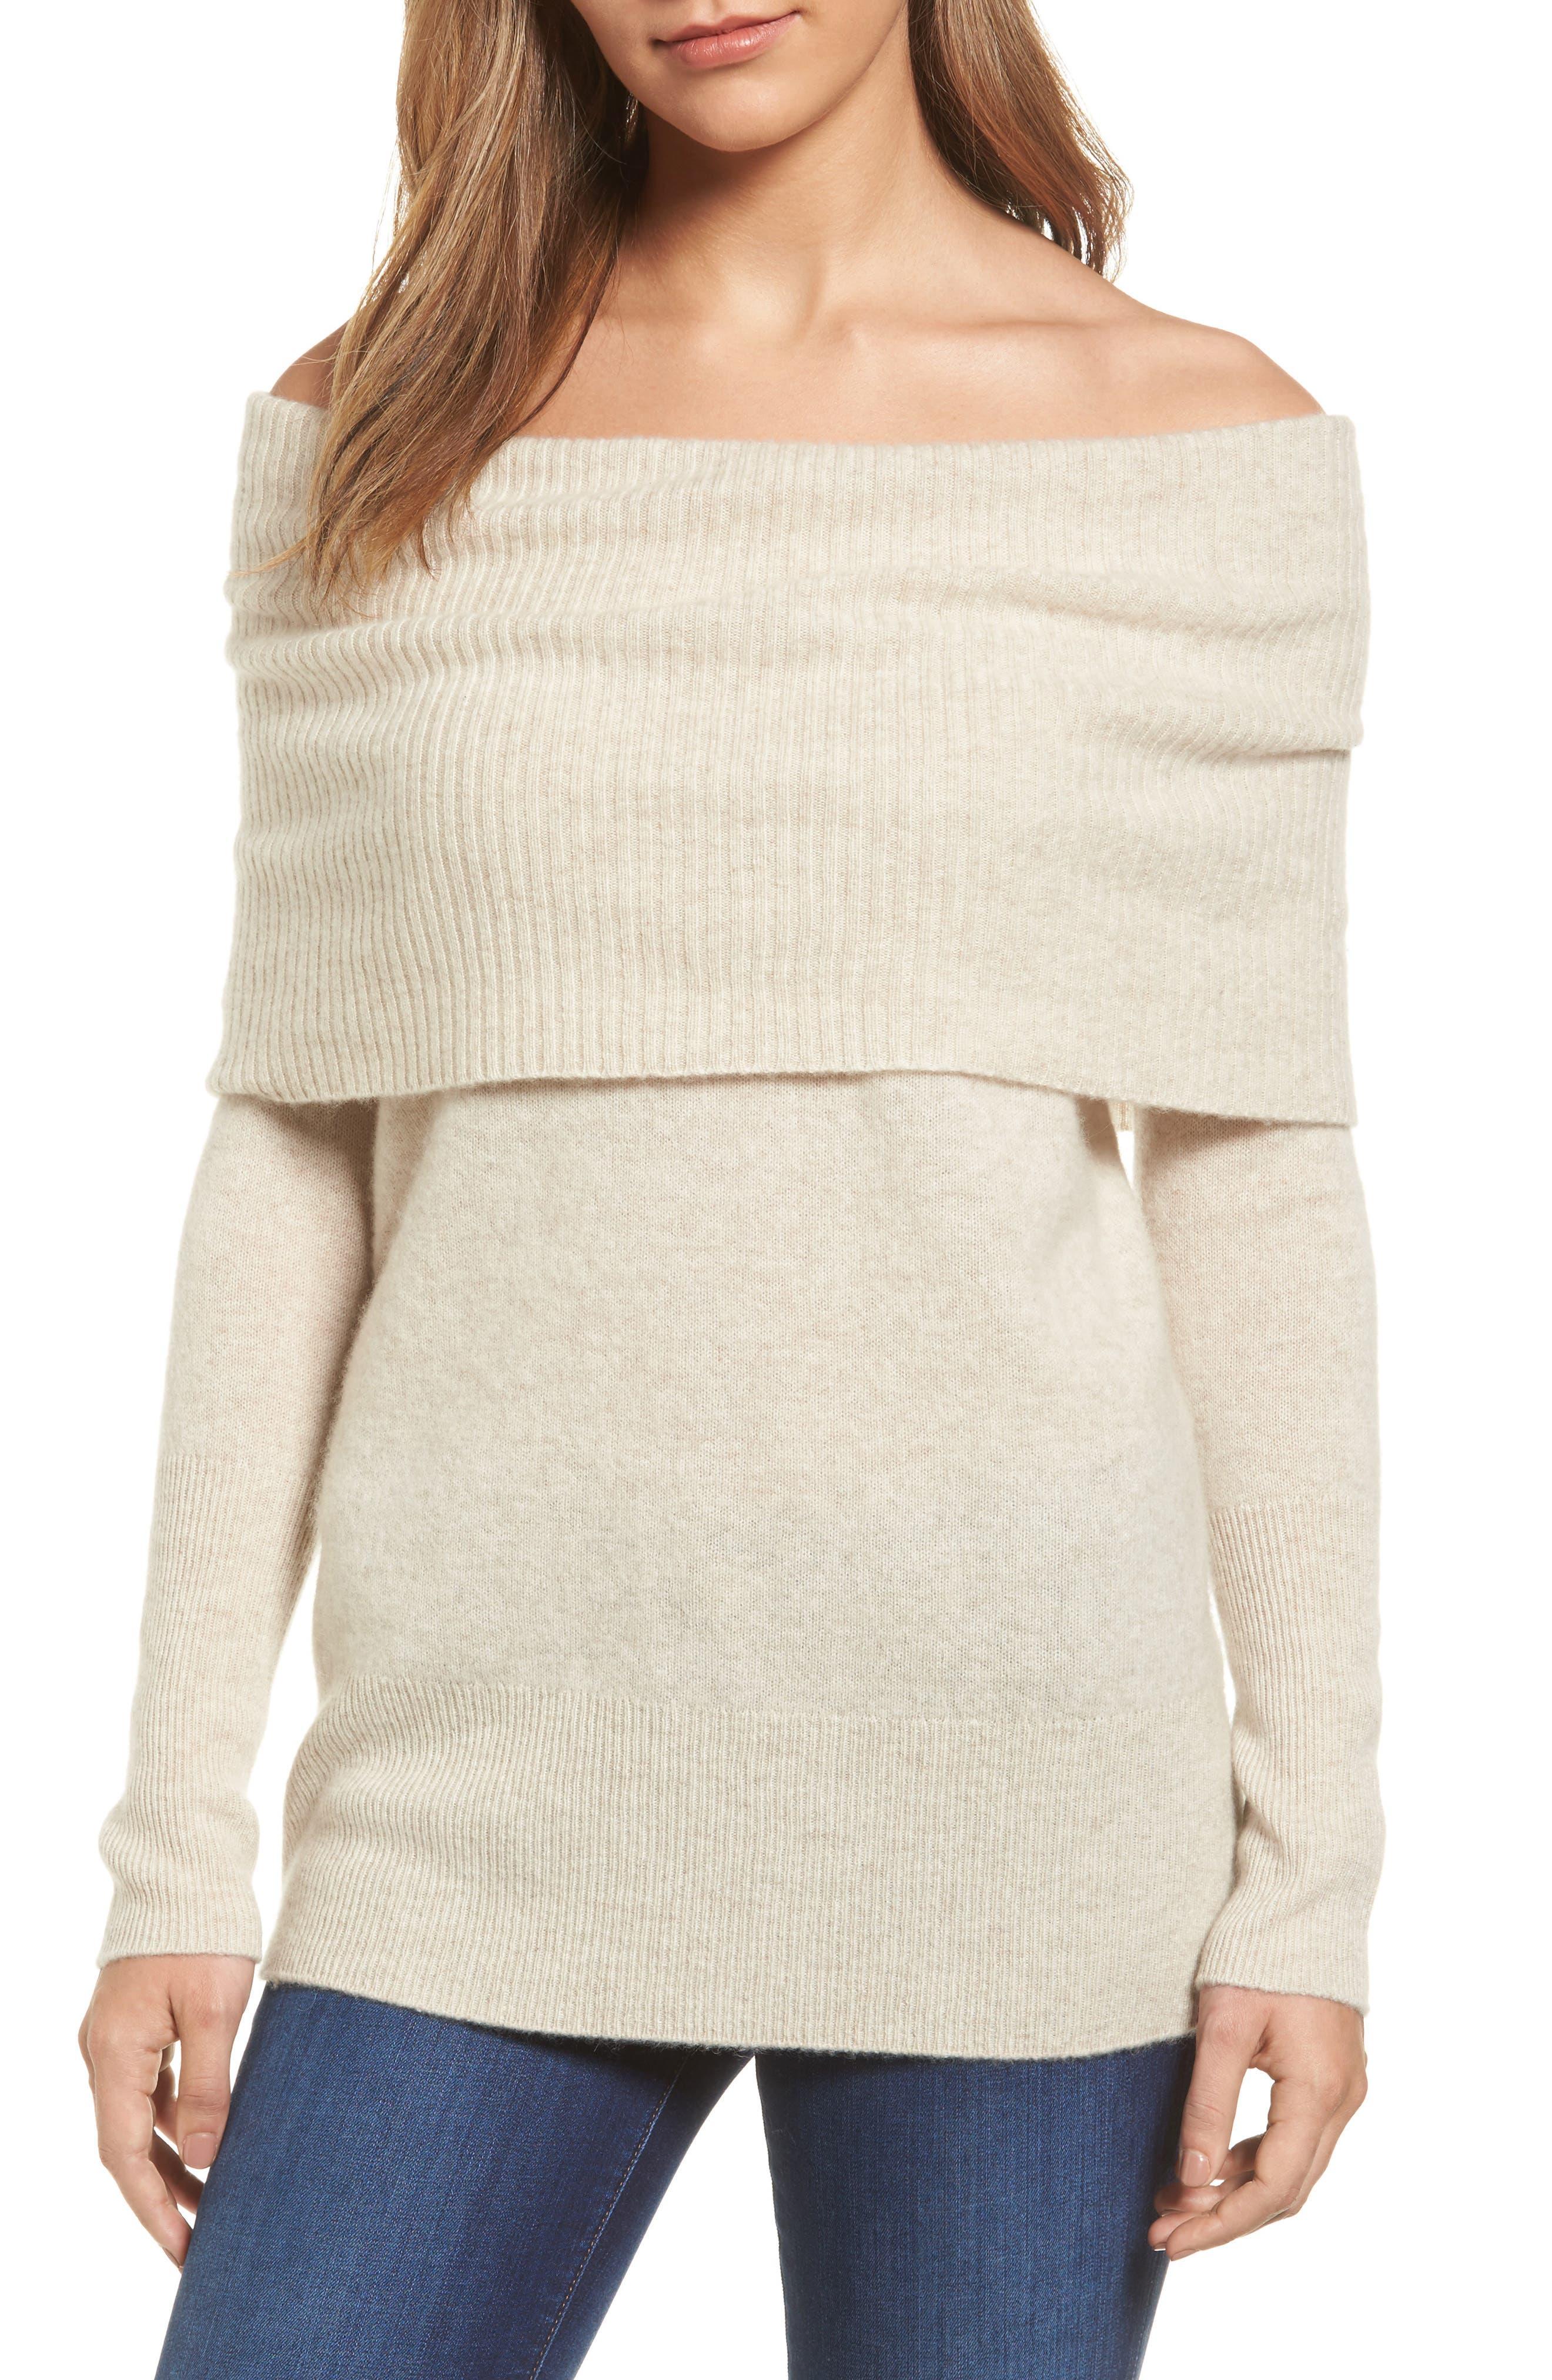 Alternate Image 1 Selected - Halogen® Cashmere Off the Shoulder Sweater (Regular & Petite)